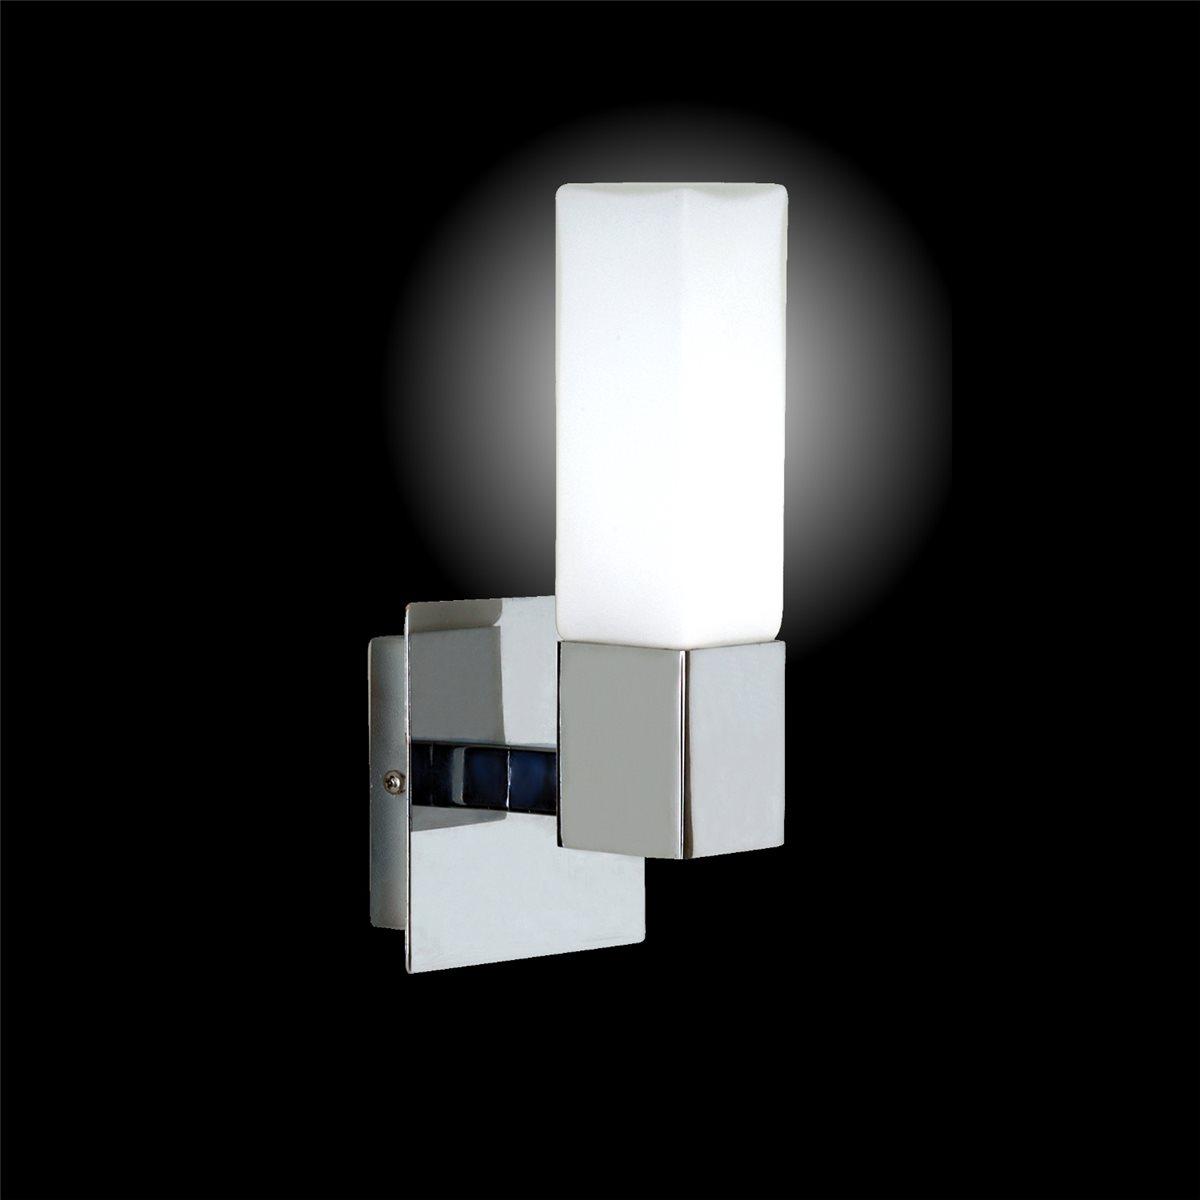 Badezimmerleuchten Spiegel Badezimmer Indirekte Beleuchtung Ocaccept